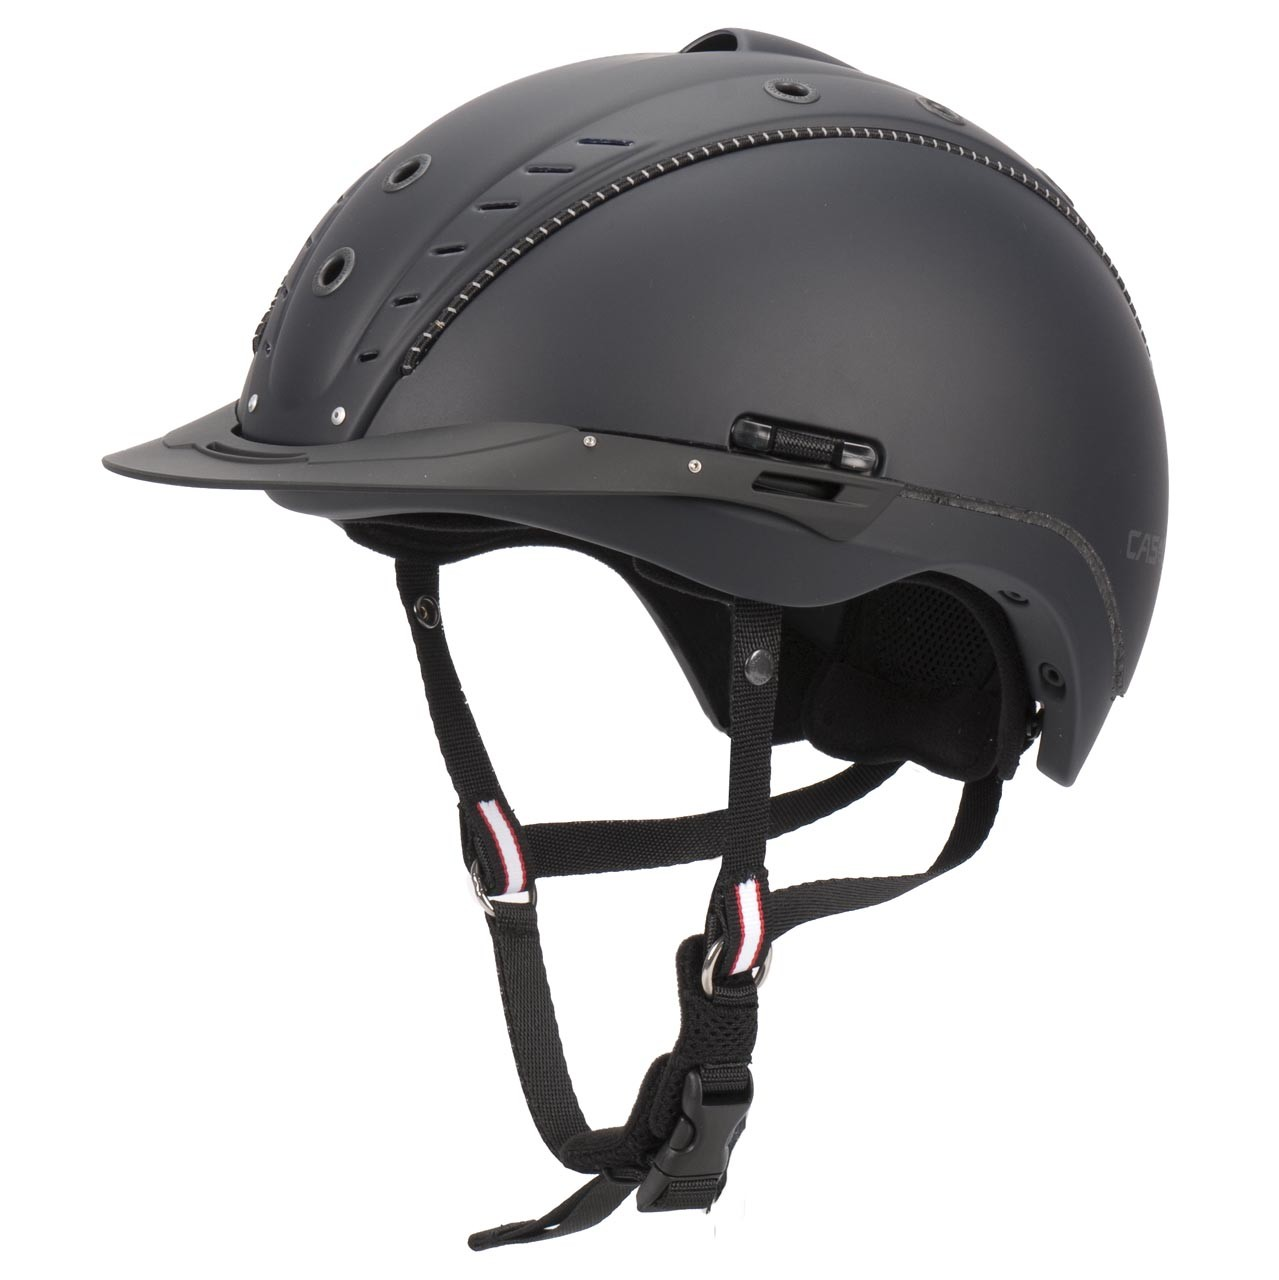 Casco Mistrall II VG1 cap zwart maat:m-l